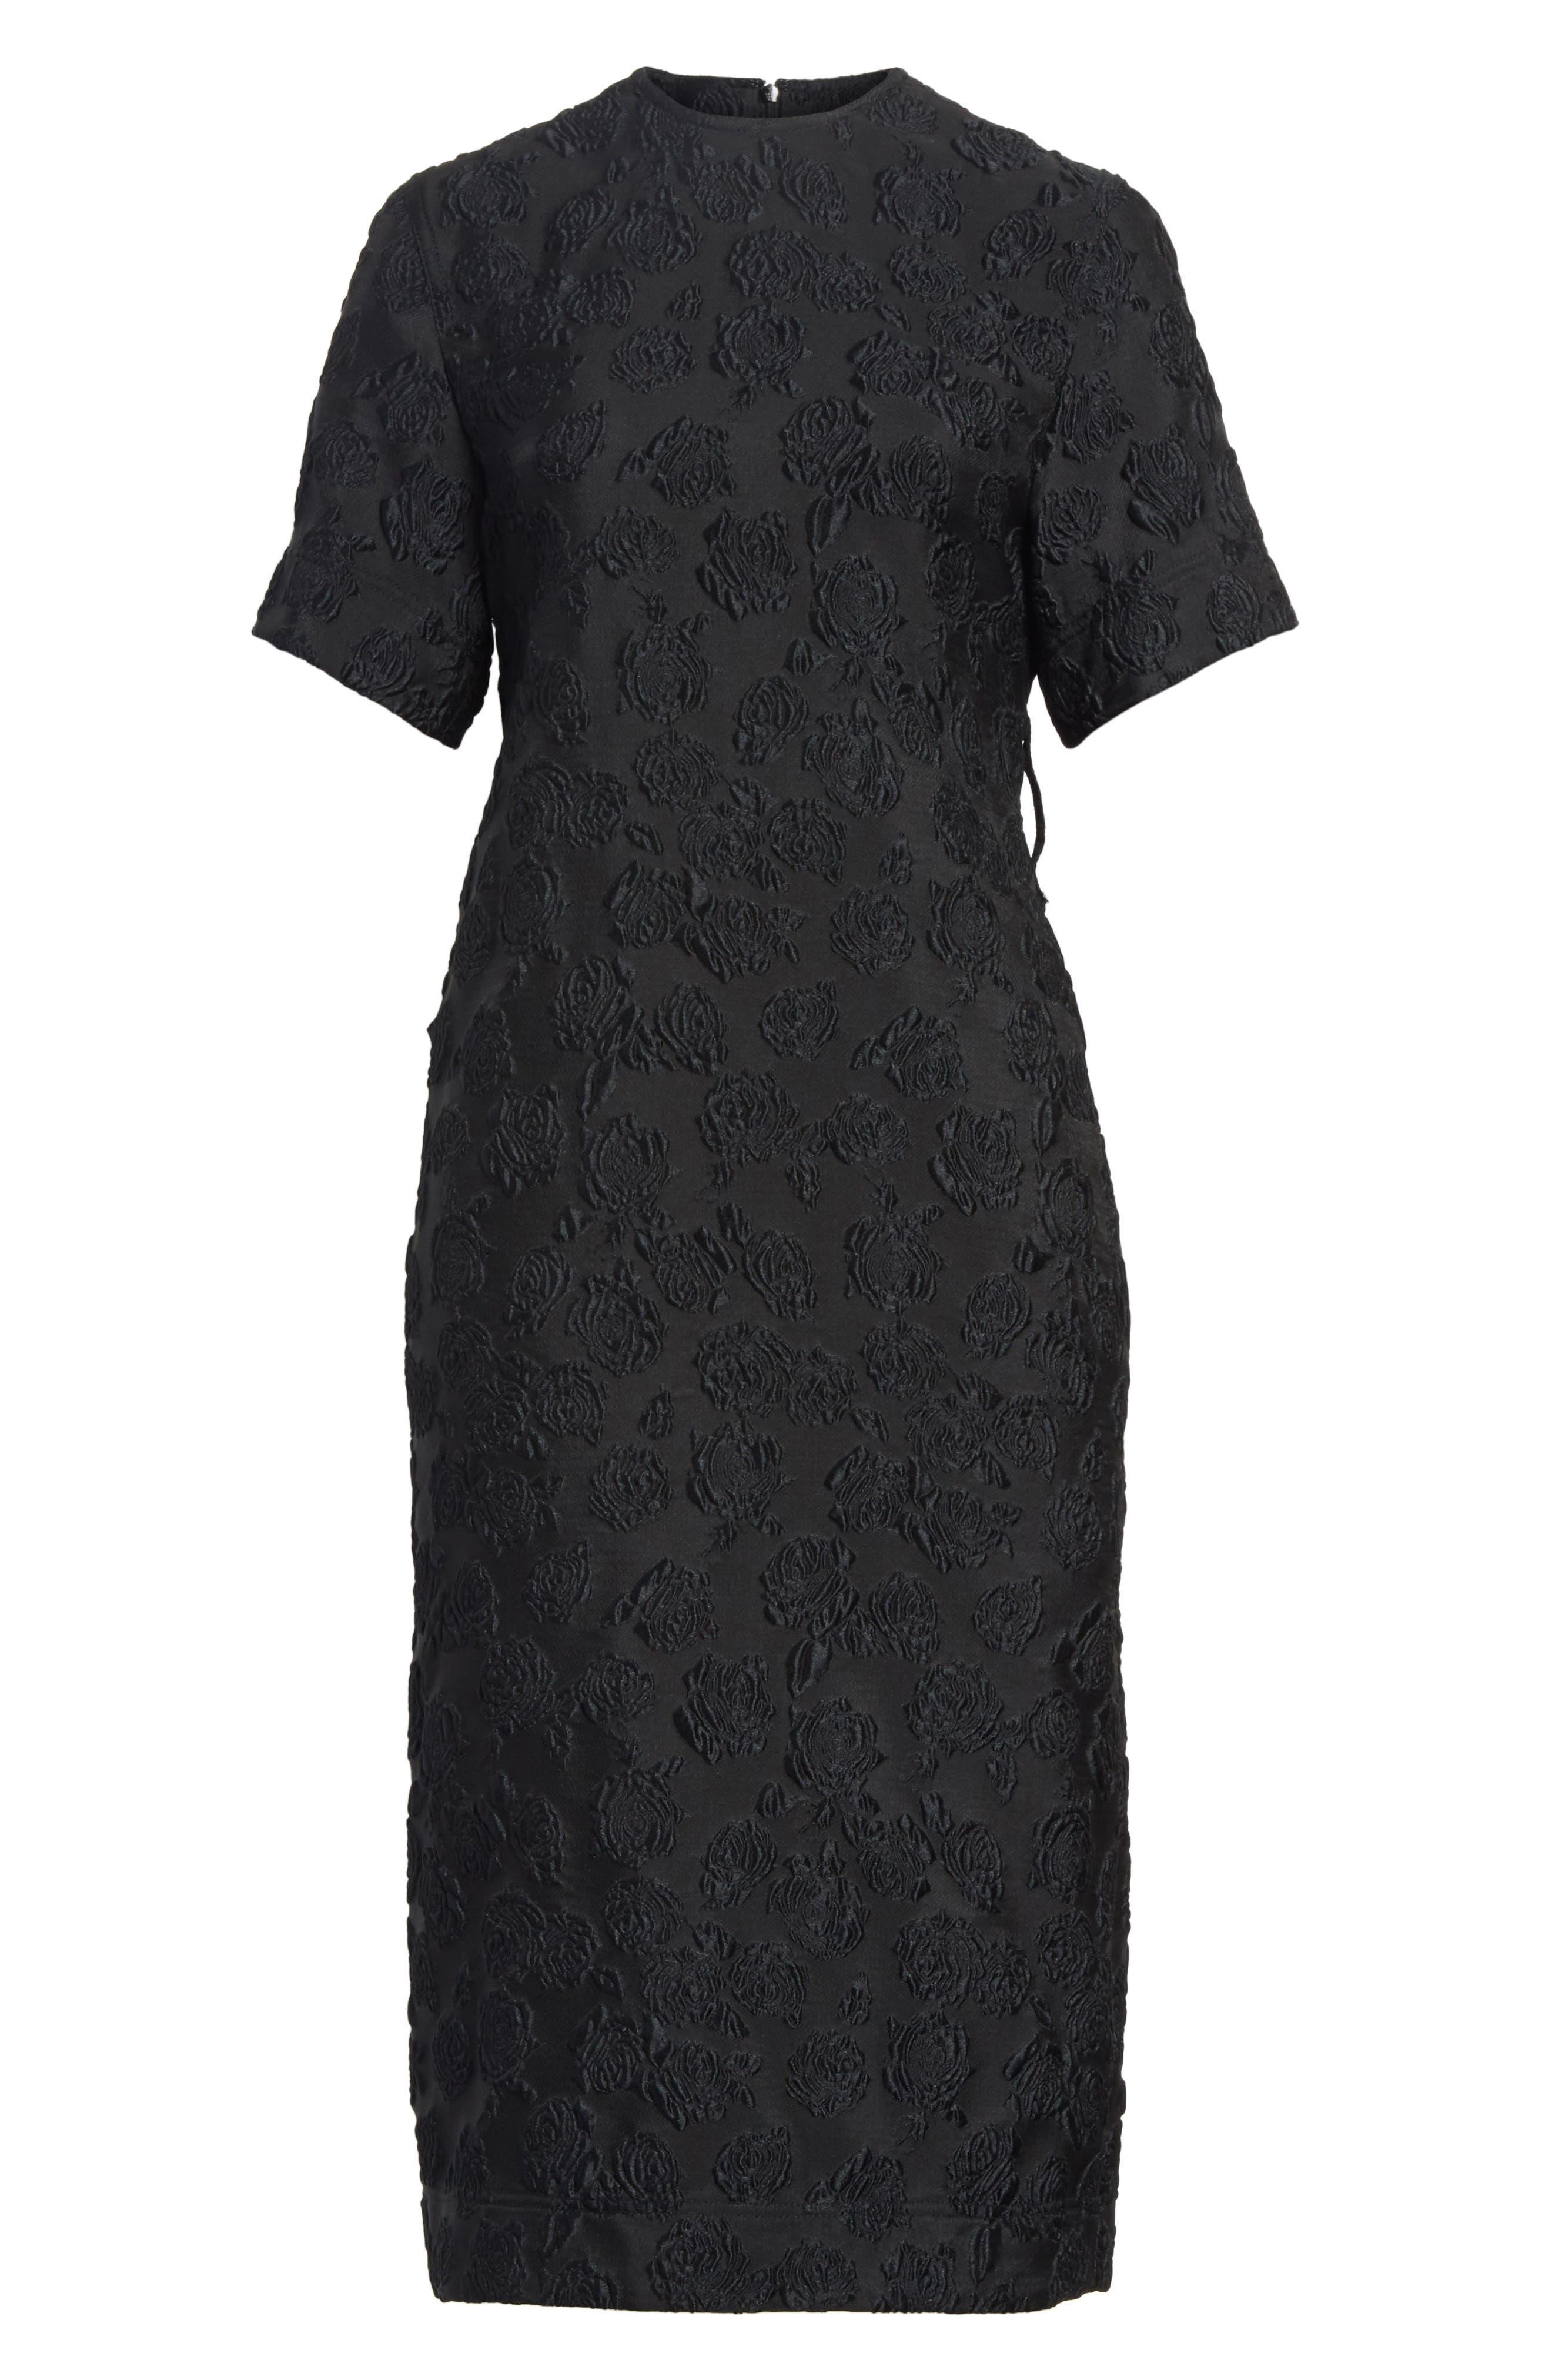 Rose Jacquard Dress,                             Alternate thumbnail 7, color,                             Black